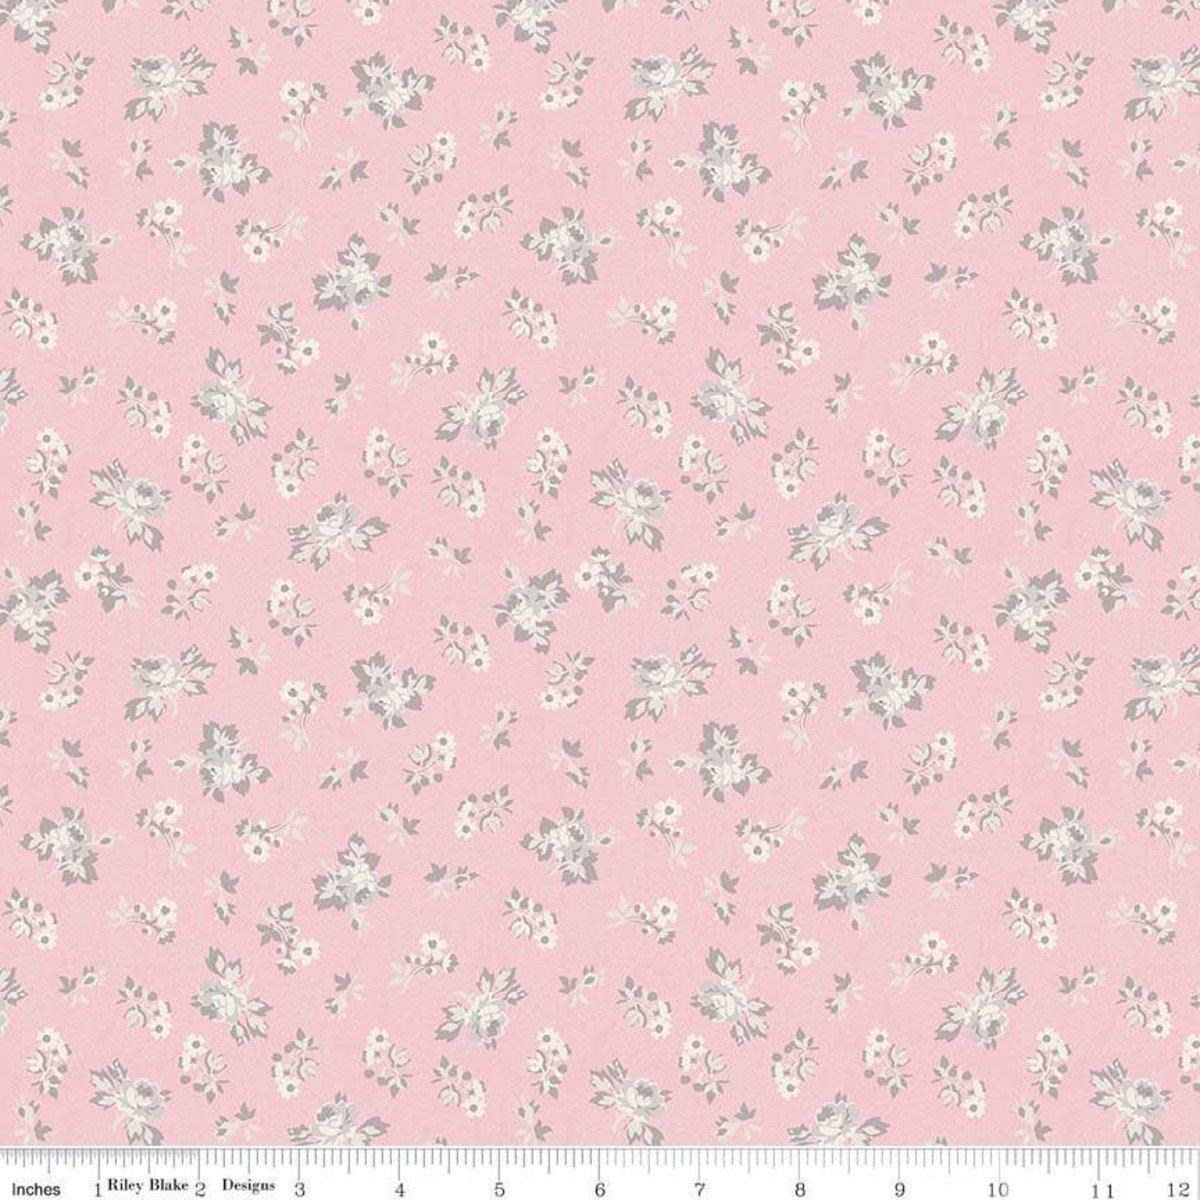 C7683-PINK_Floral Rose Garden